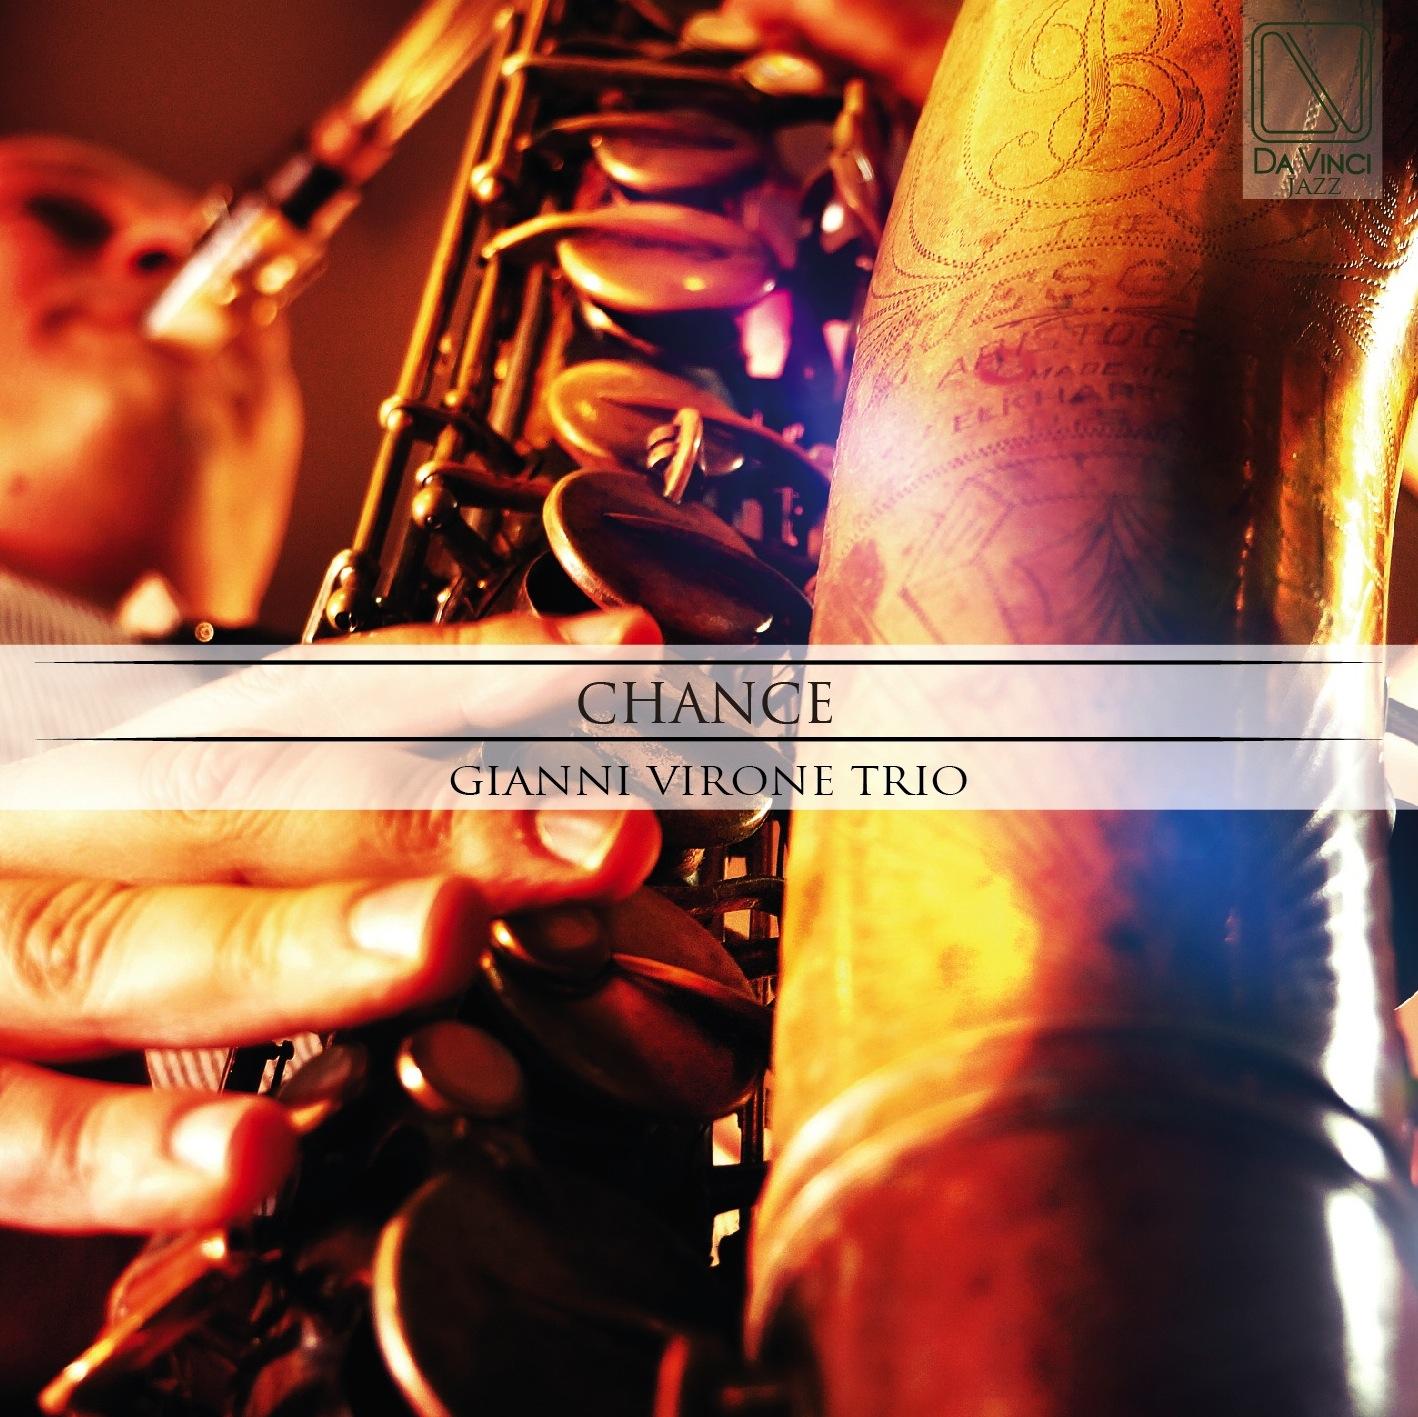 Gianni Virone Trio <br/> Chance <br/> Da Vinci, 2019